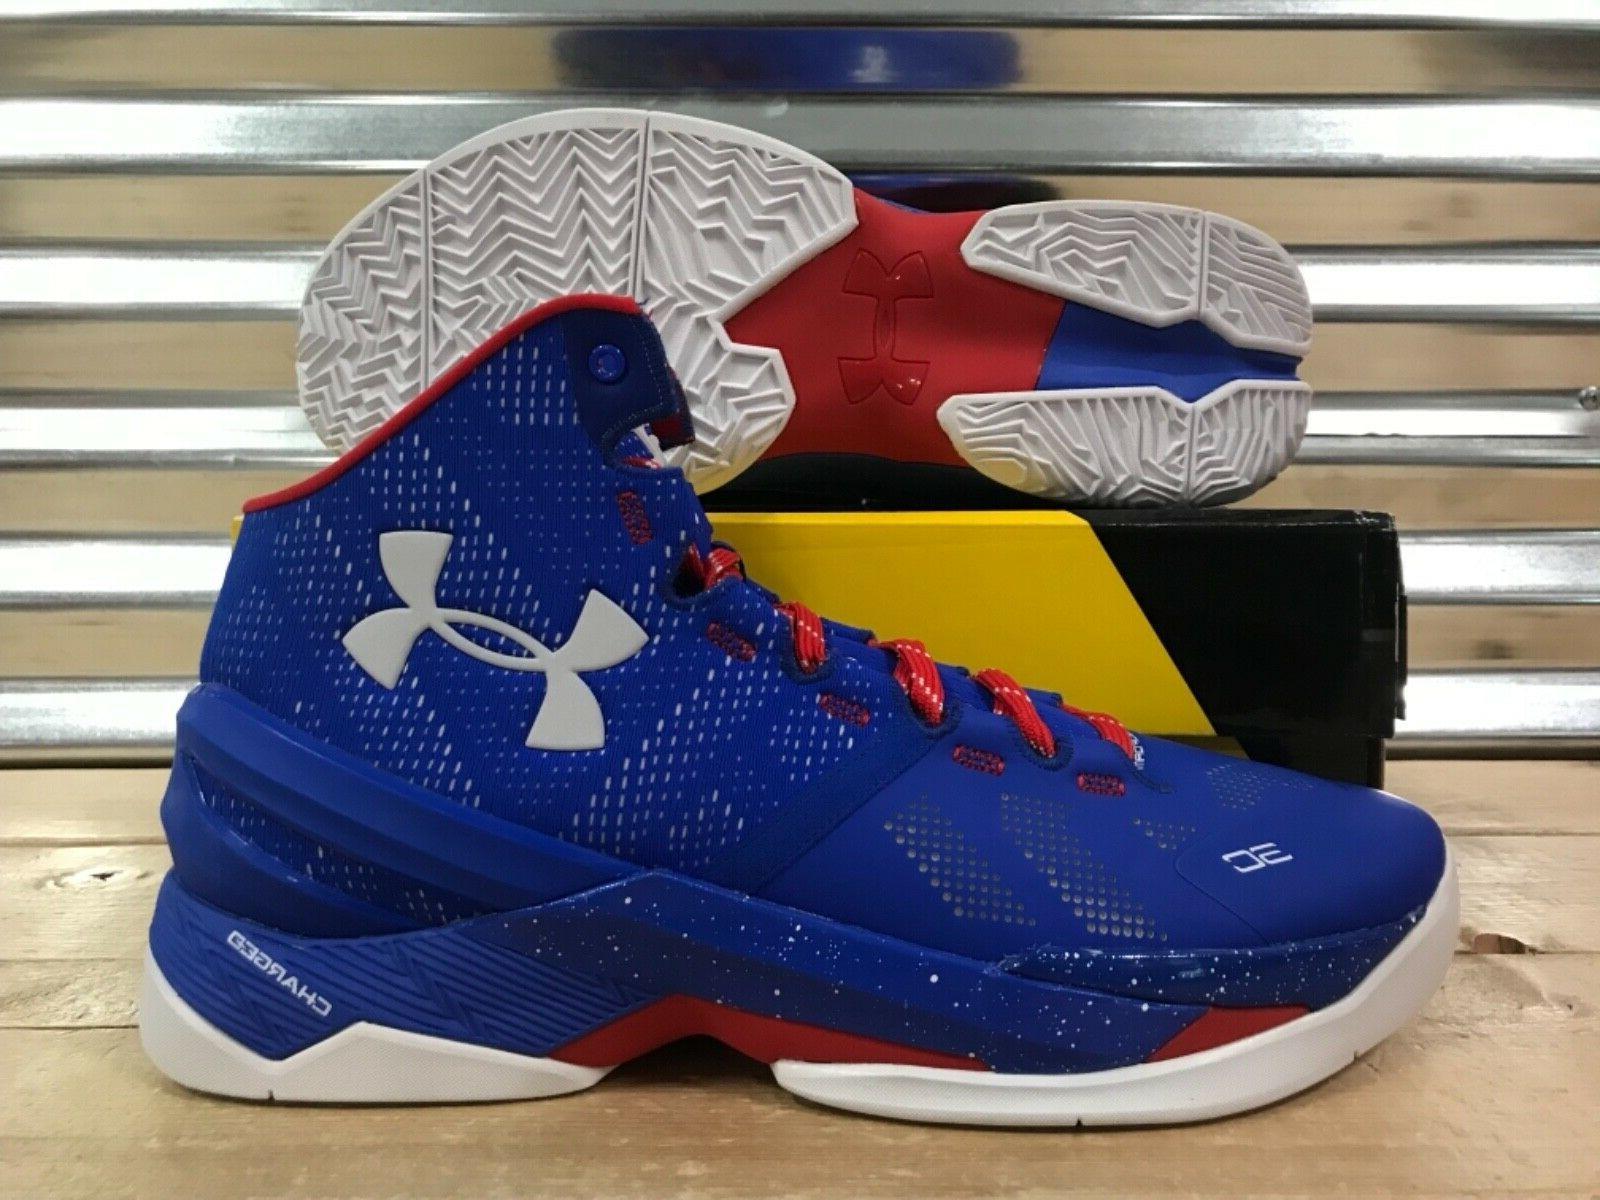 ua curry 2 basketball shoes blue white